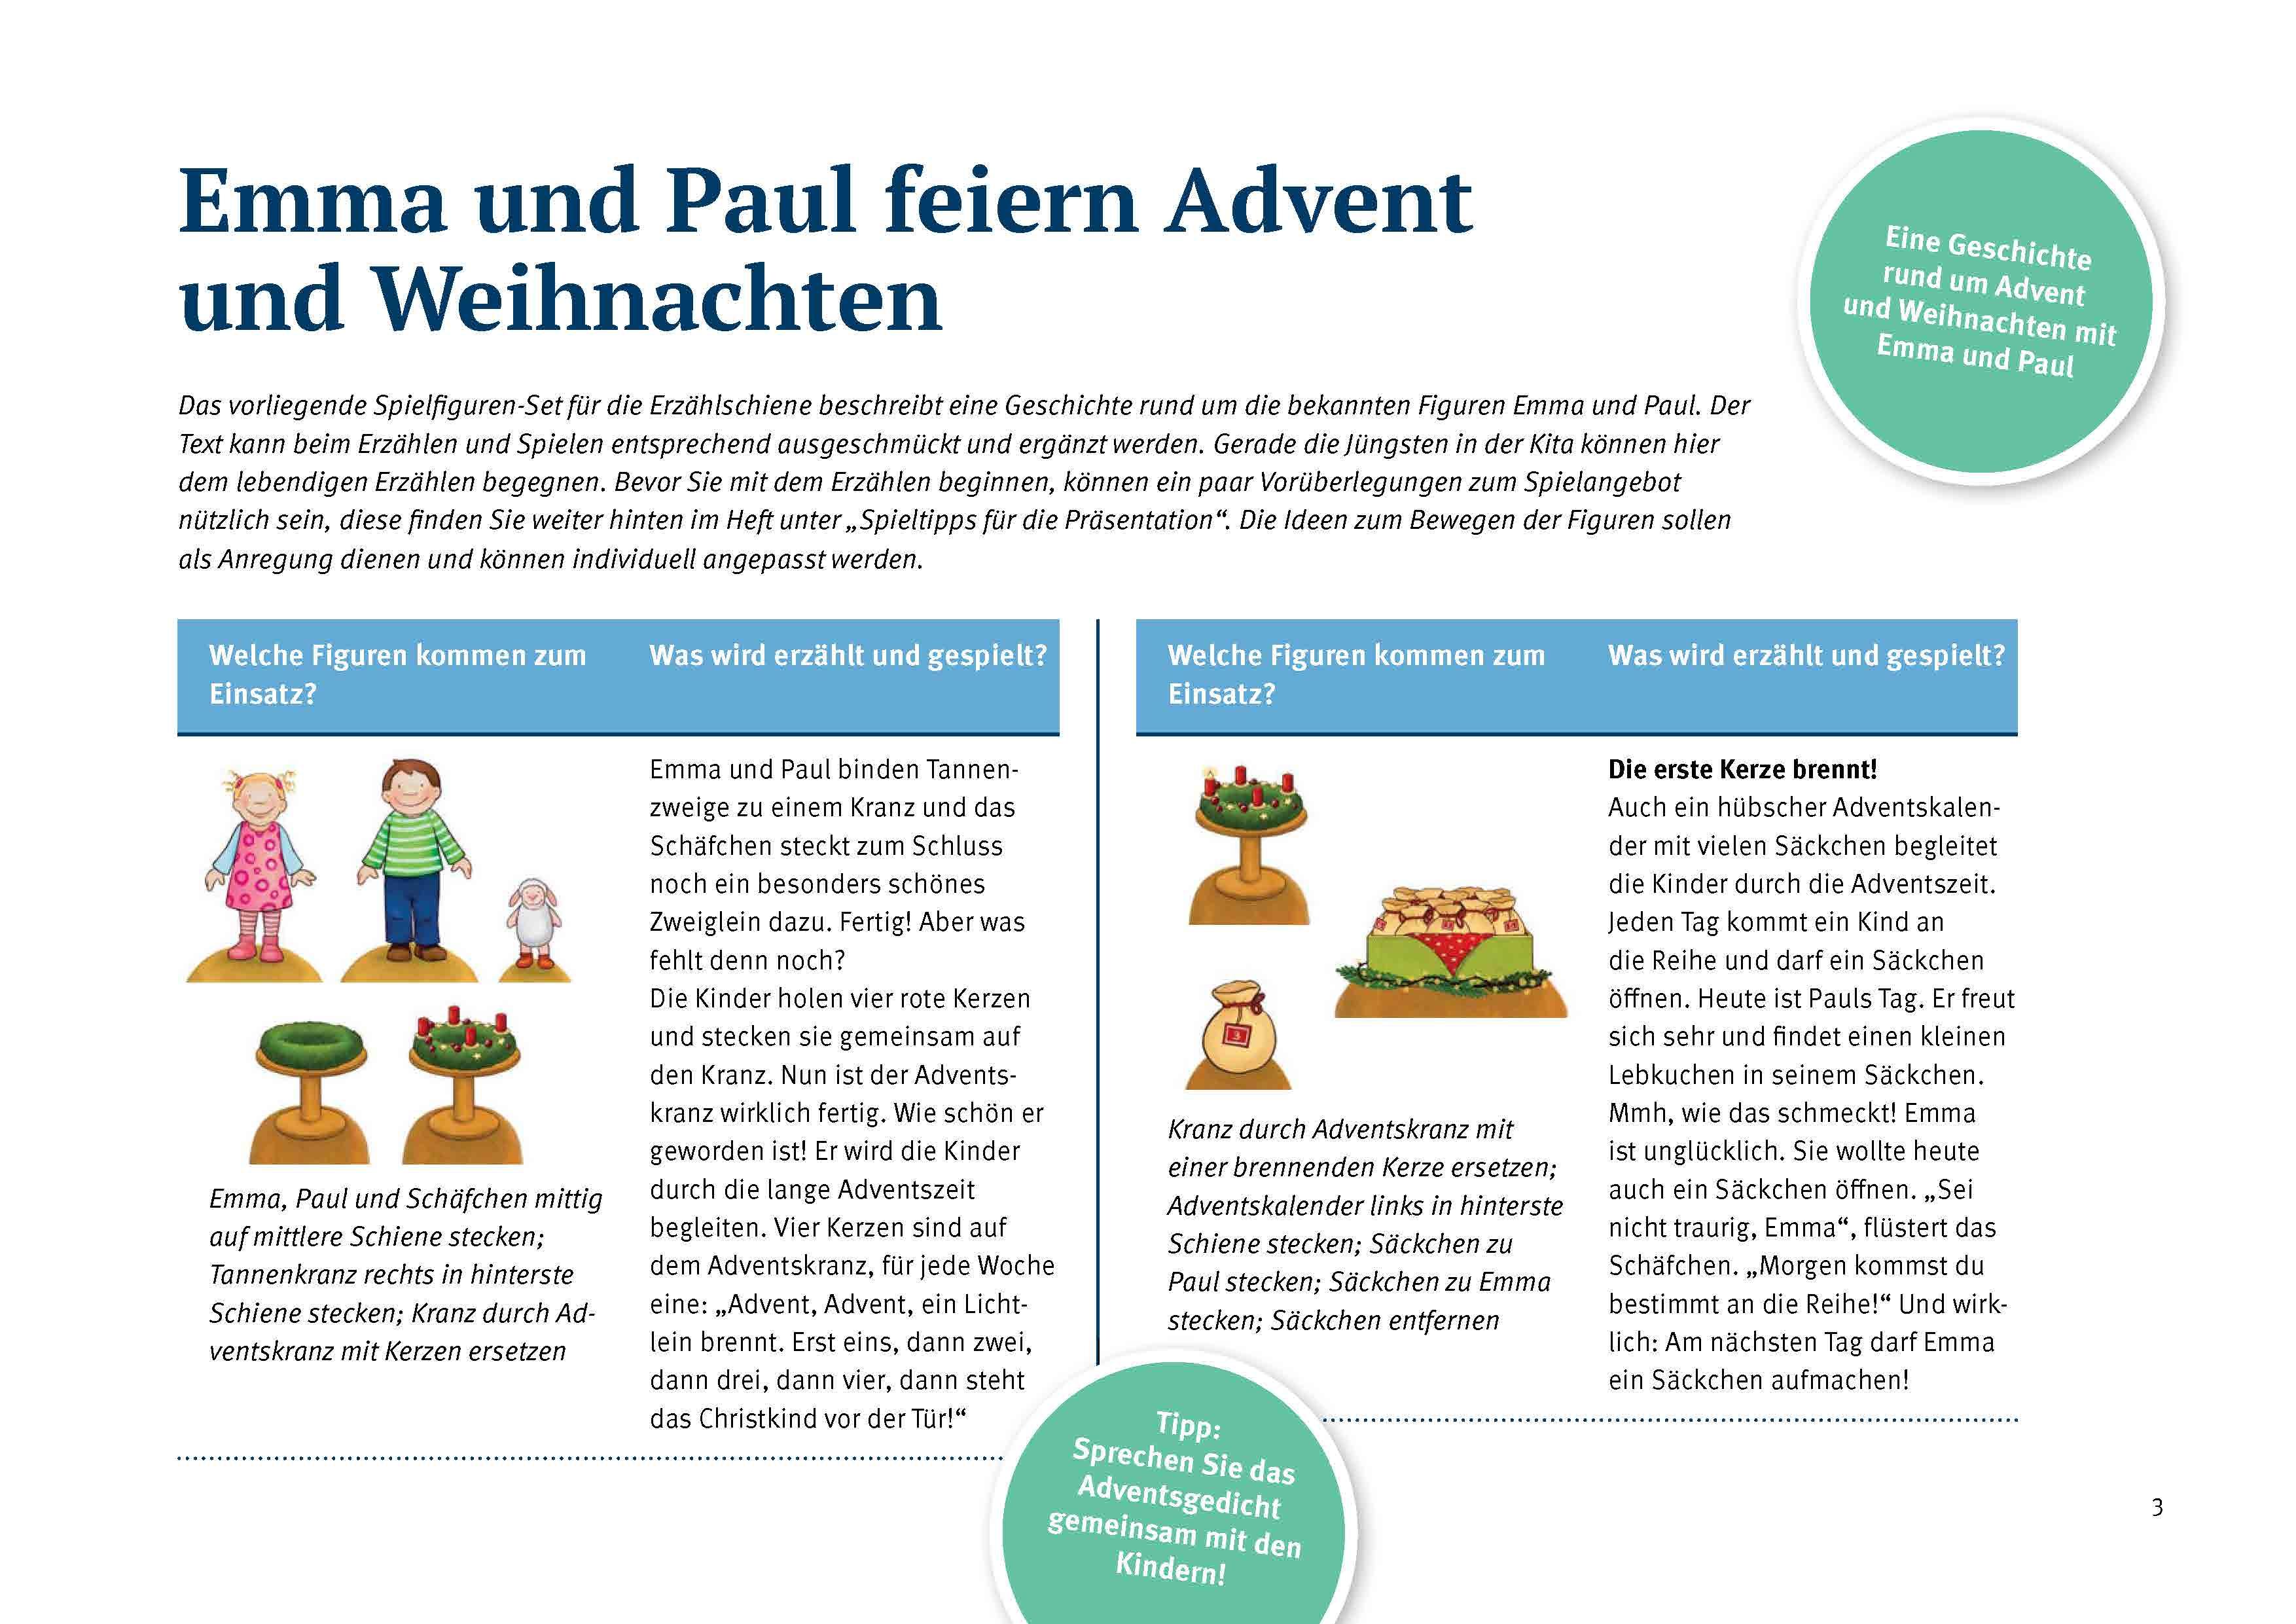 Innenansicht zu Emma und Paul feiern Advent und Weihnachten